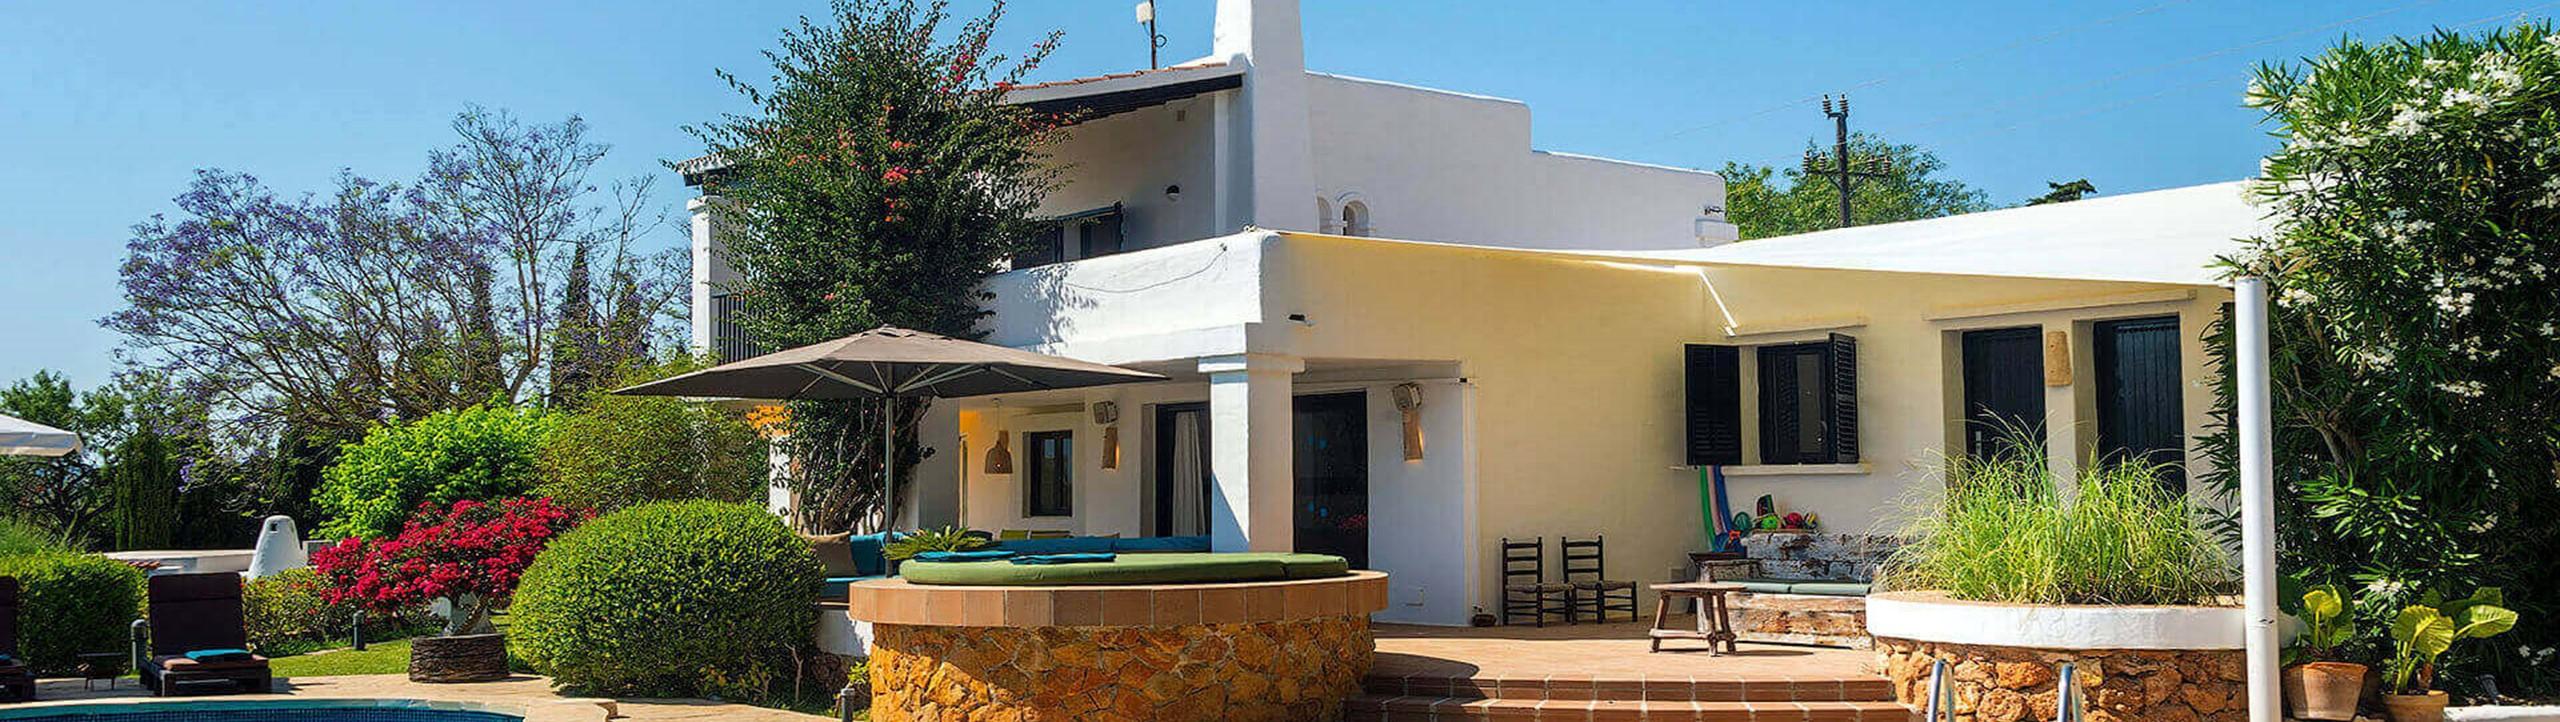 Villa Flor Ibiza 1 Jesus